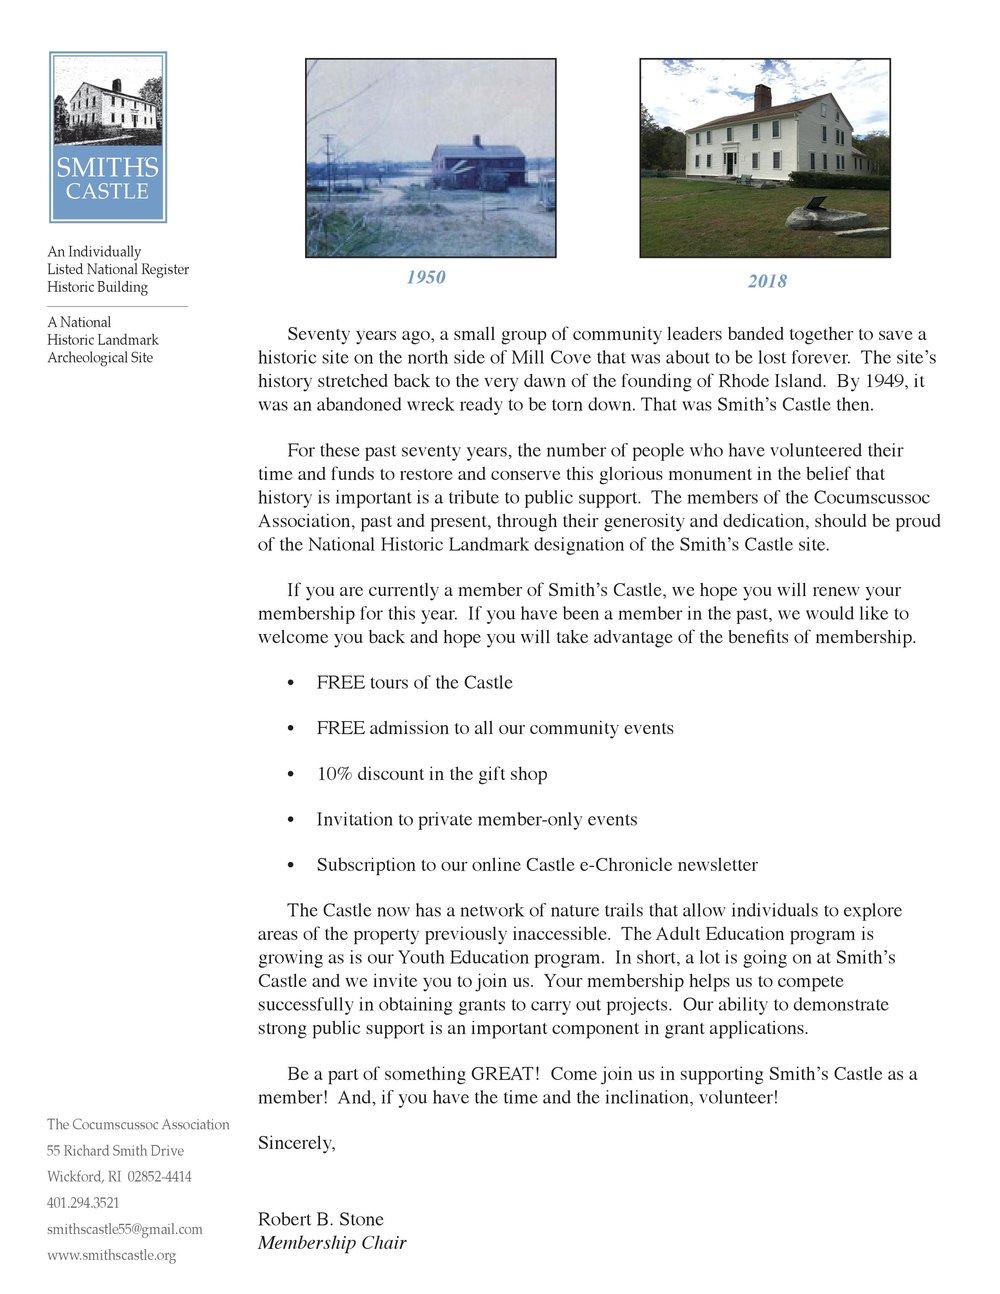 2019 membership letter.jpg